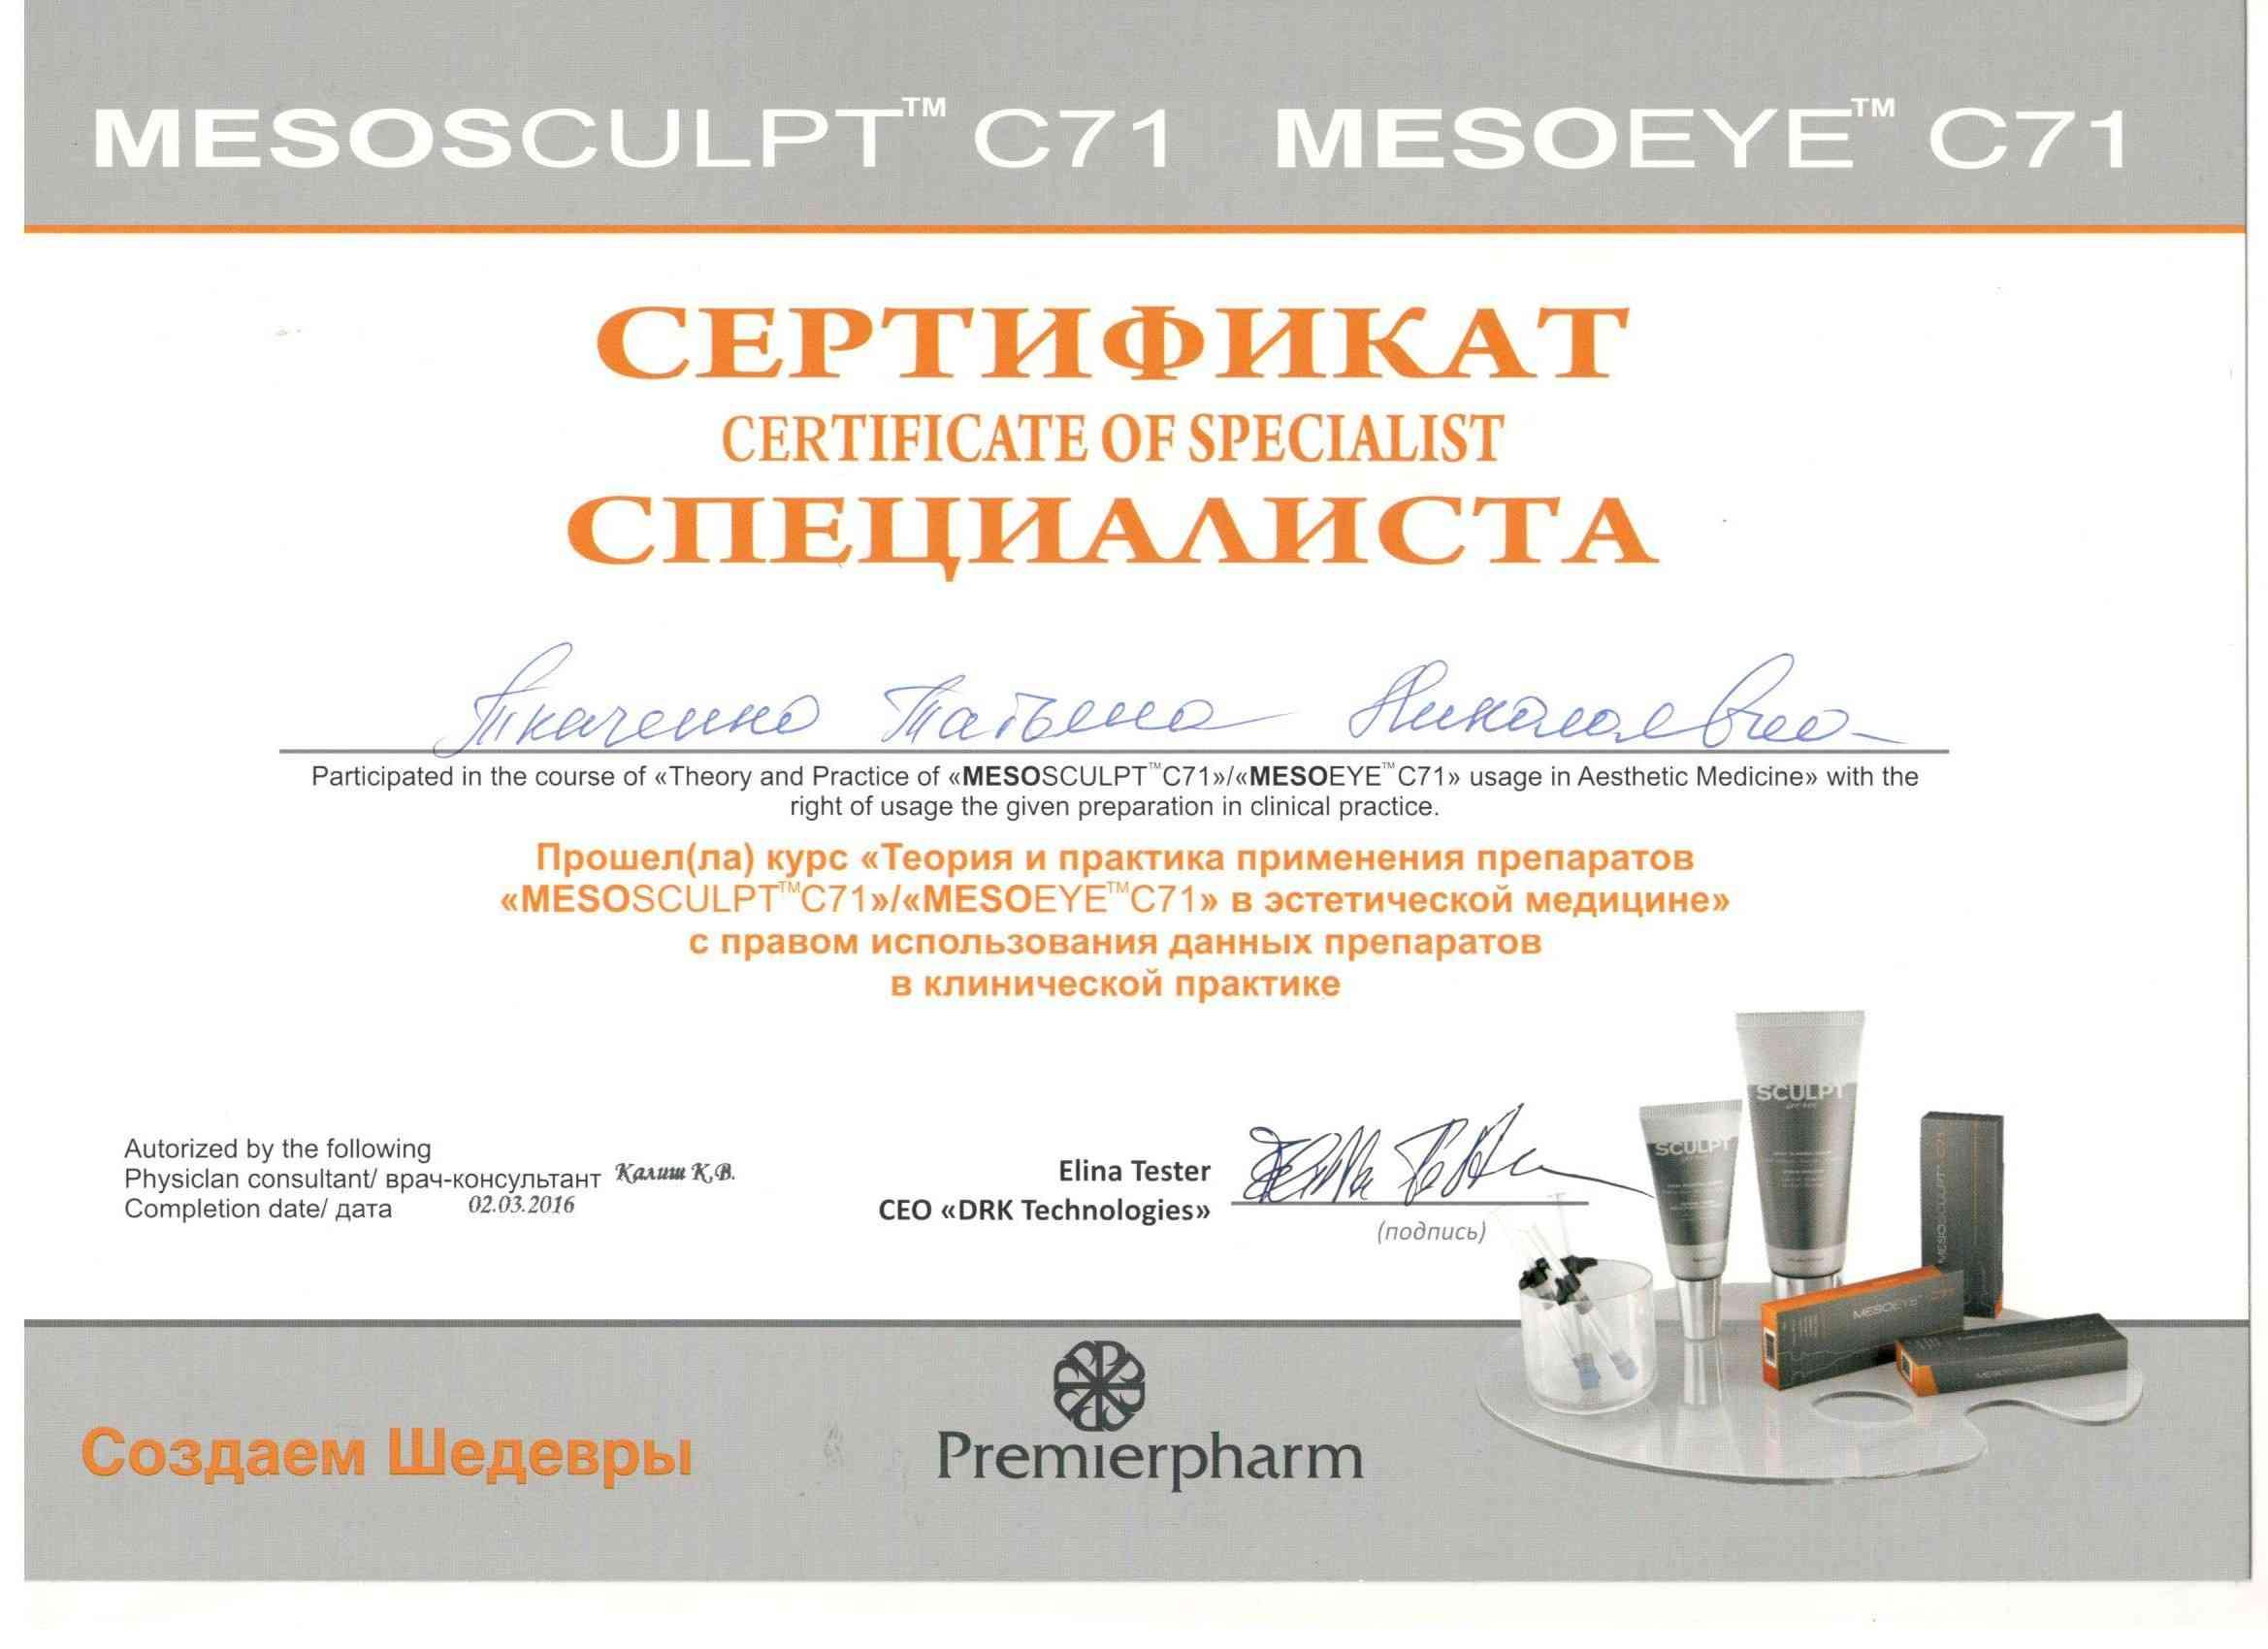 """2016 Курс """"Теория и практика применения препаратов Mesosculpt c71 Mesoeye c71 в эстетической медицине."""""""